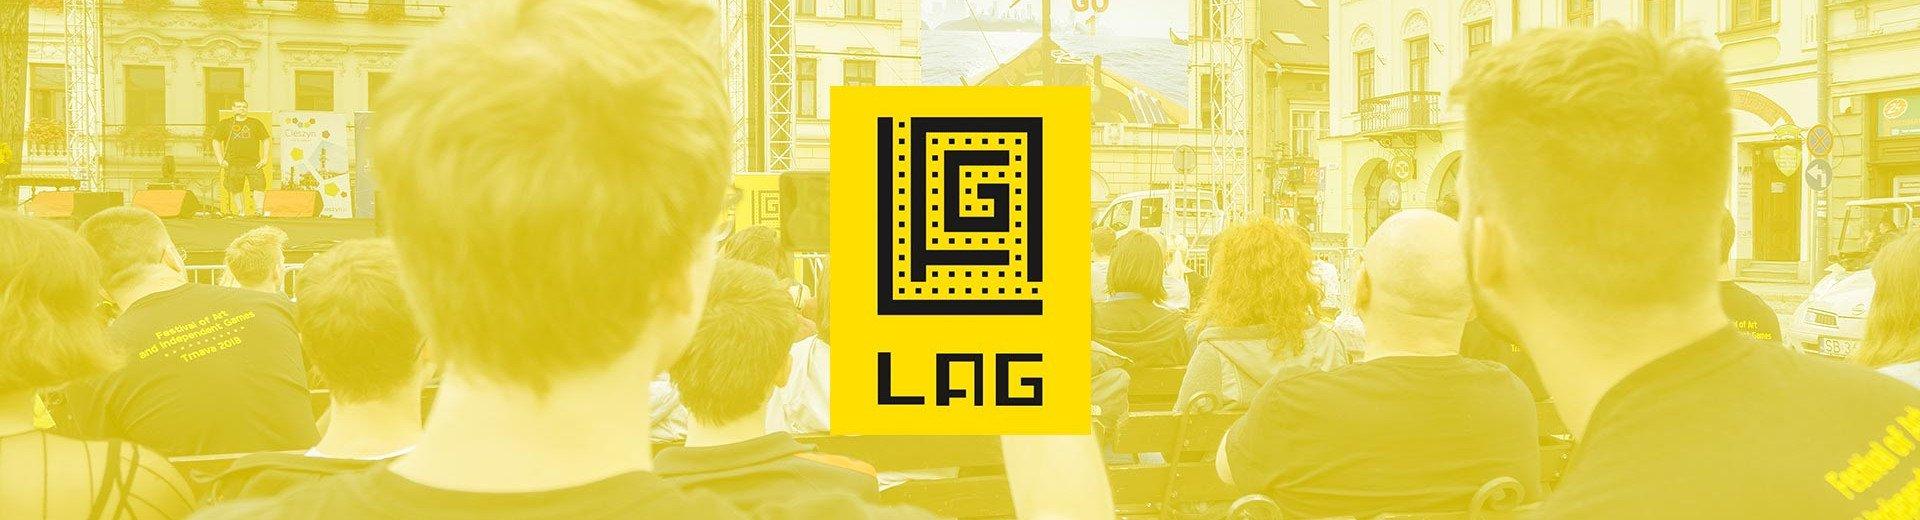 Okładka artykułu LAG - Festiwal Sztuki iGier Niezależnych w Cieszynie — Edycja 2018